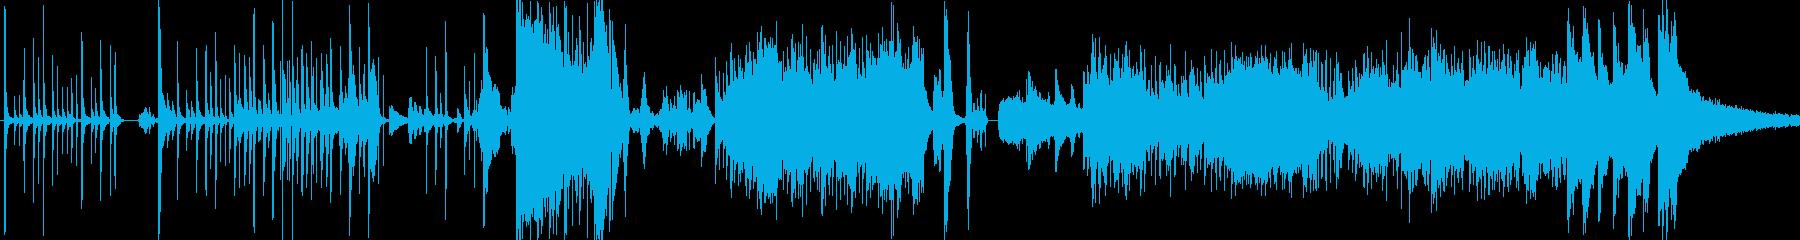 風変わりなサスペンスフルオーケスト...の再生済みの波形